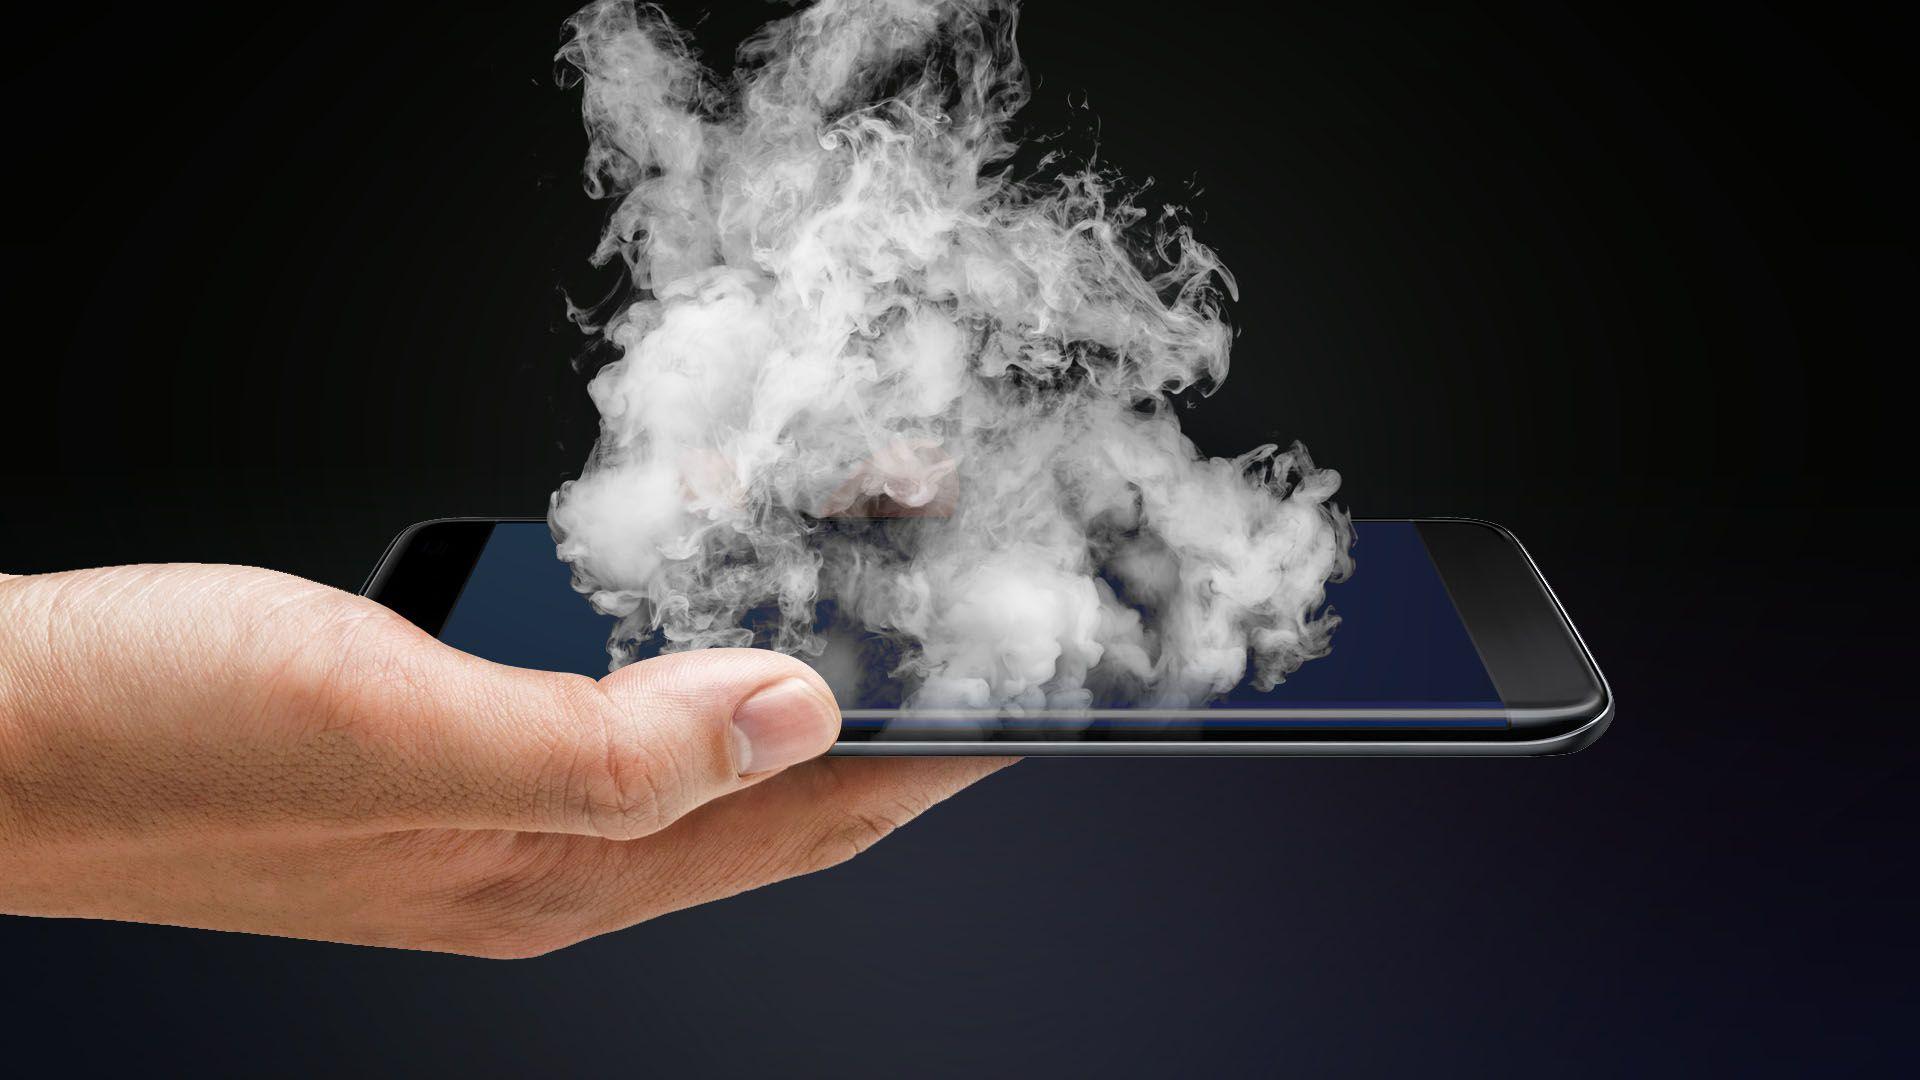 انفجار هاتف iPhone 6 بين يدي طفلة في كاليفورنيا